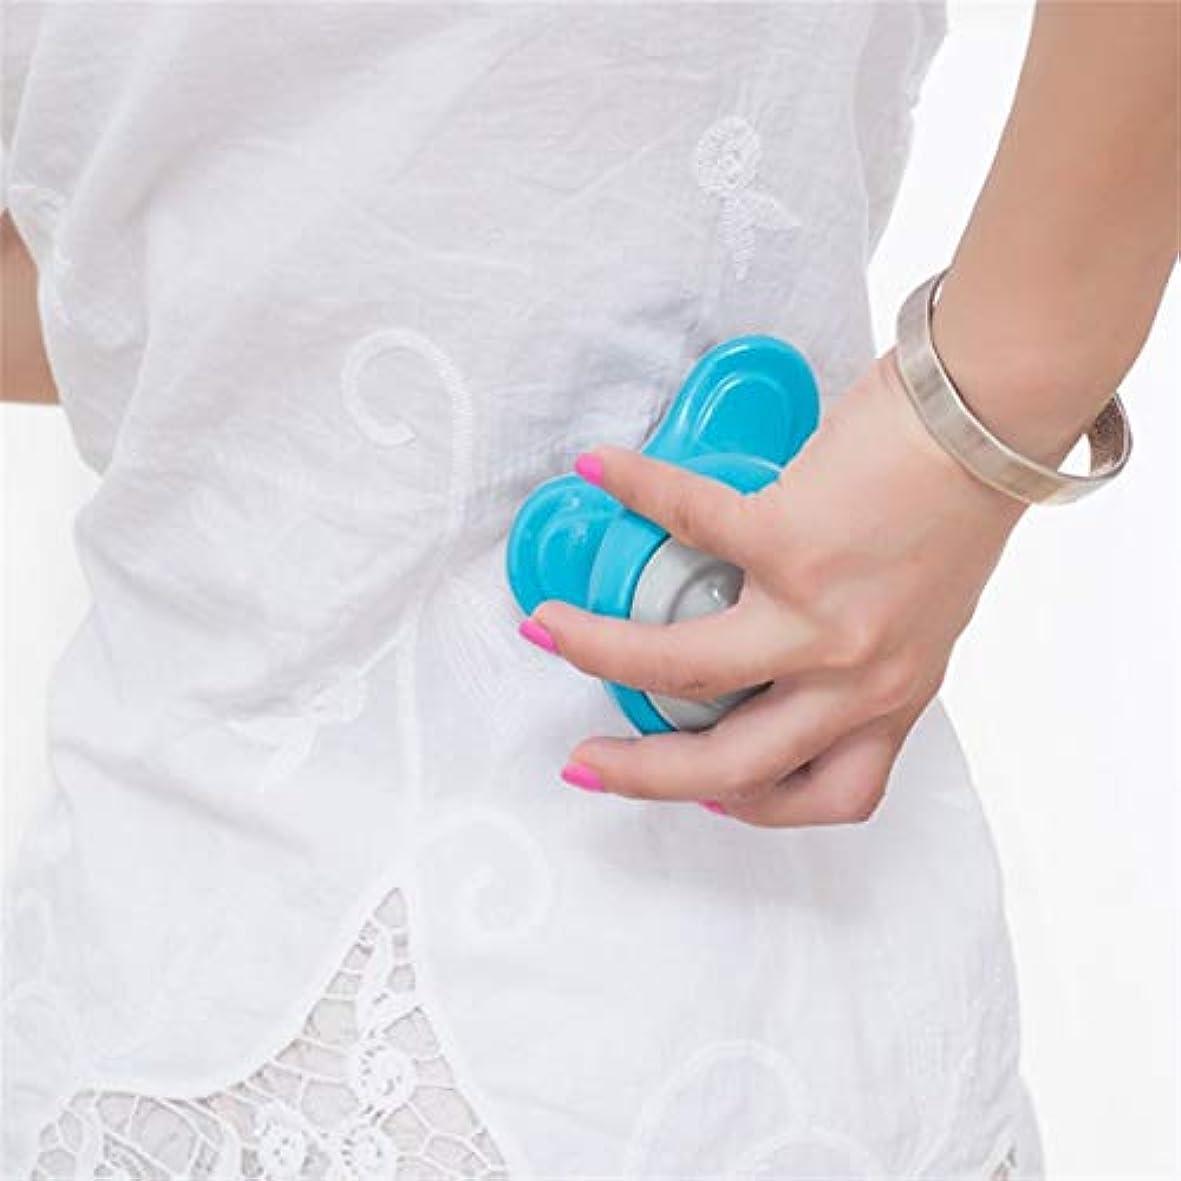 寛容輸血自殺Mini Electric Handled Wave Vibrating Massager USB Battery Full Body Massage Ultra-compact Lightweight Convenient...